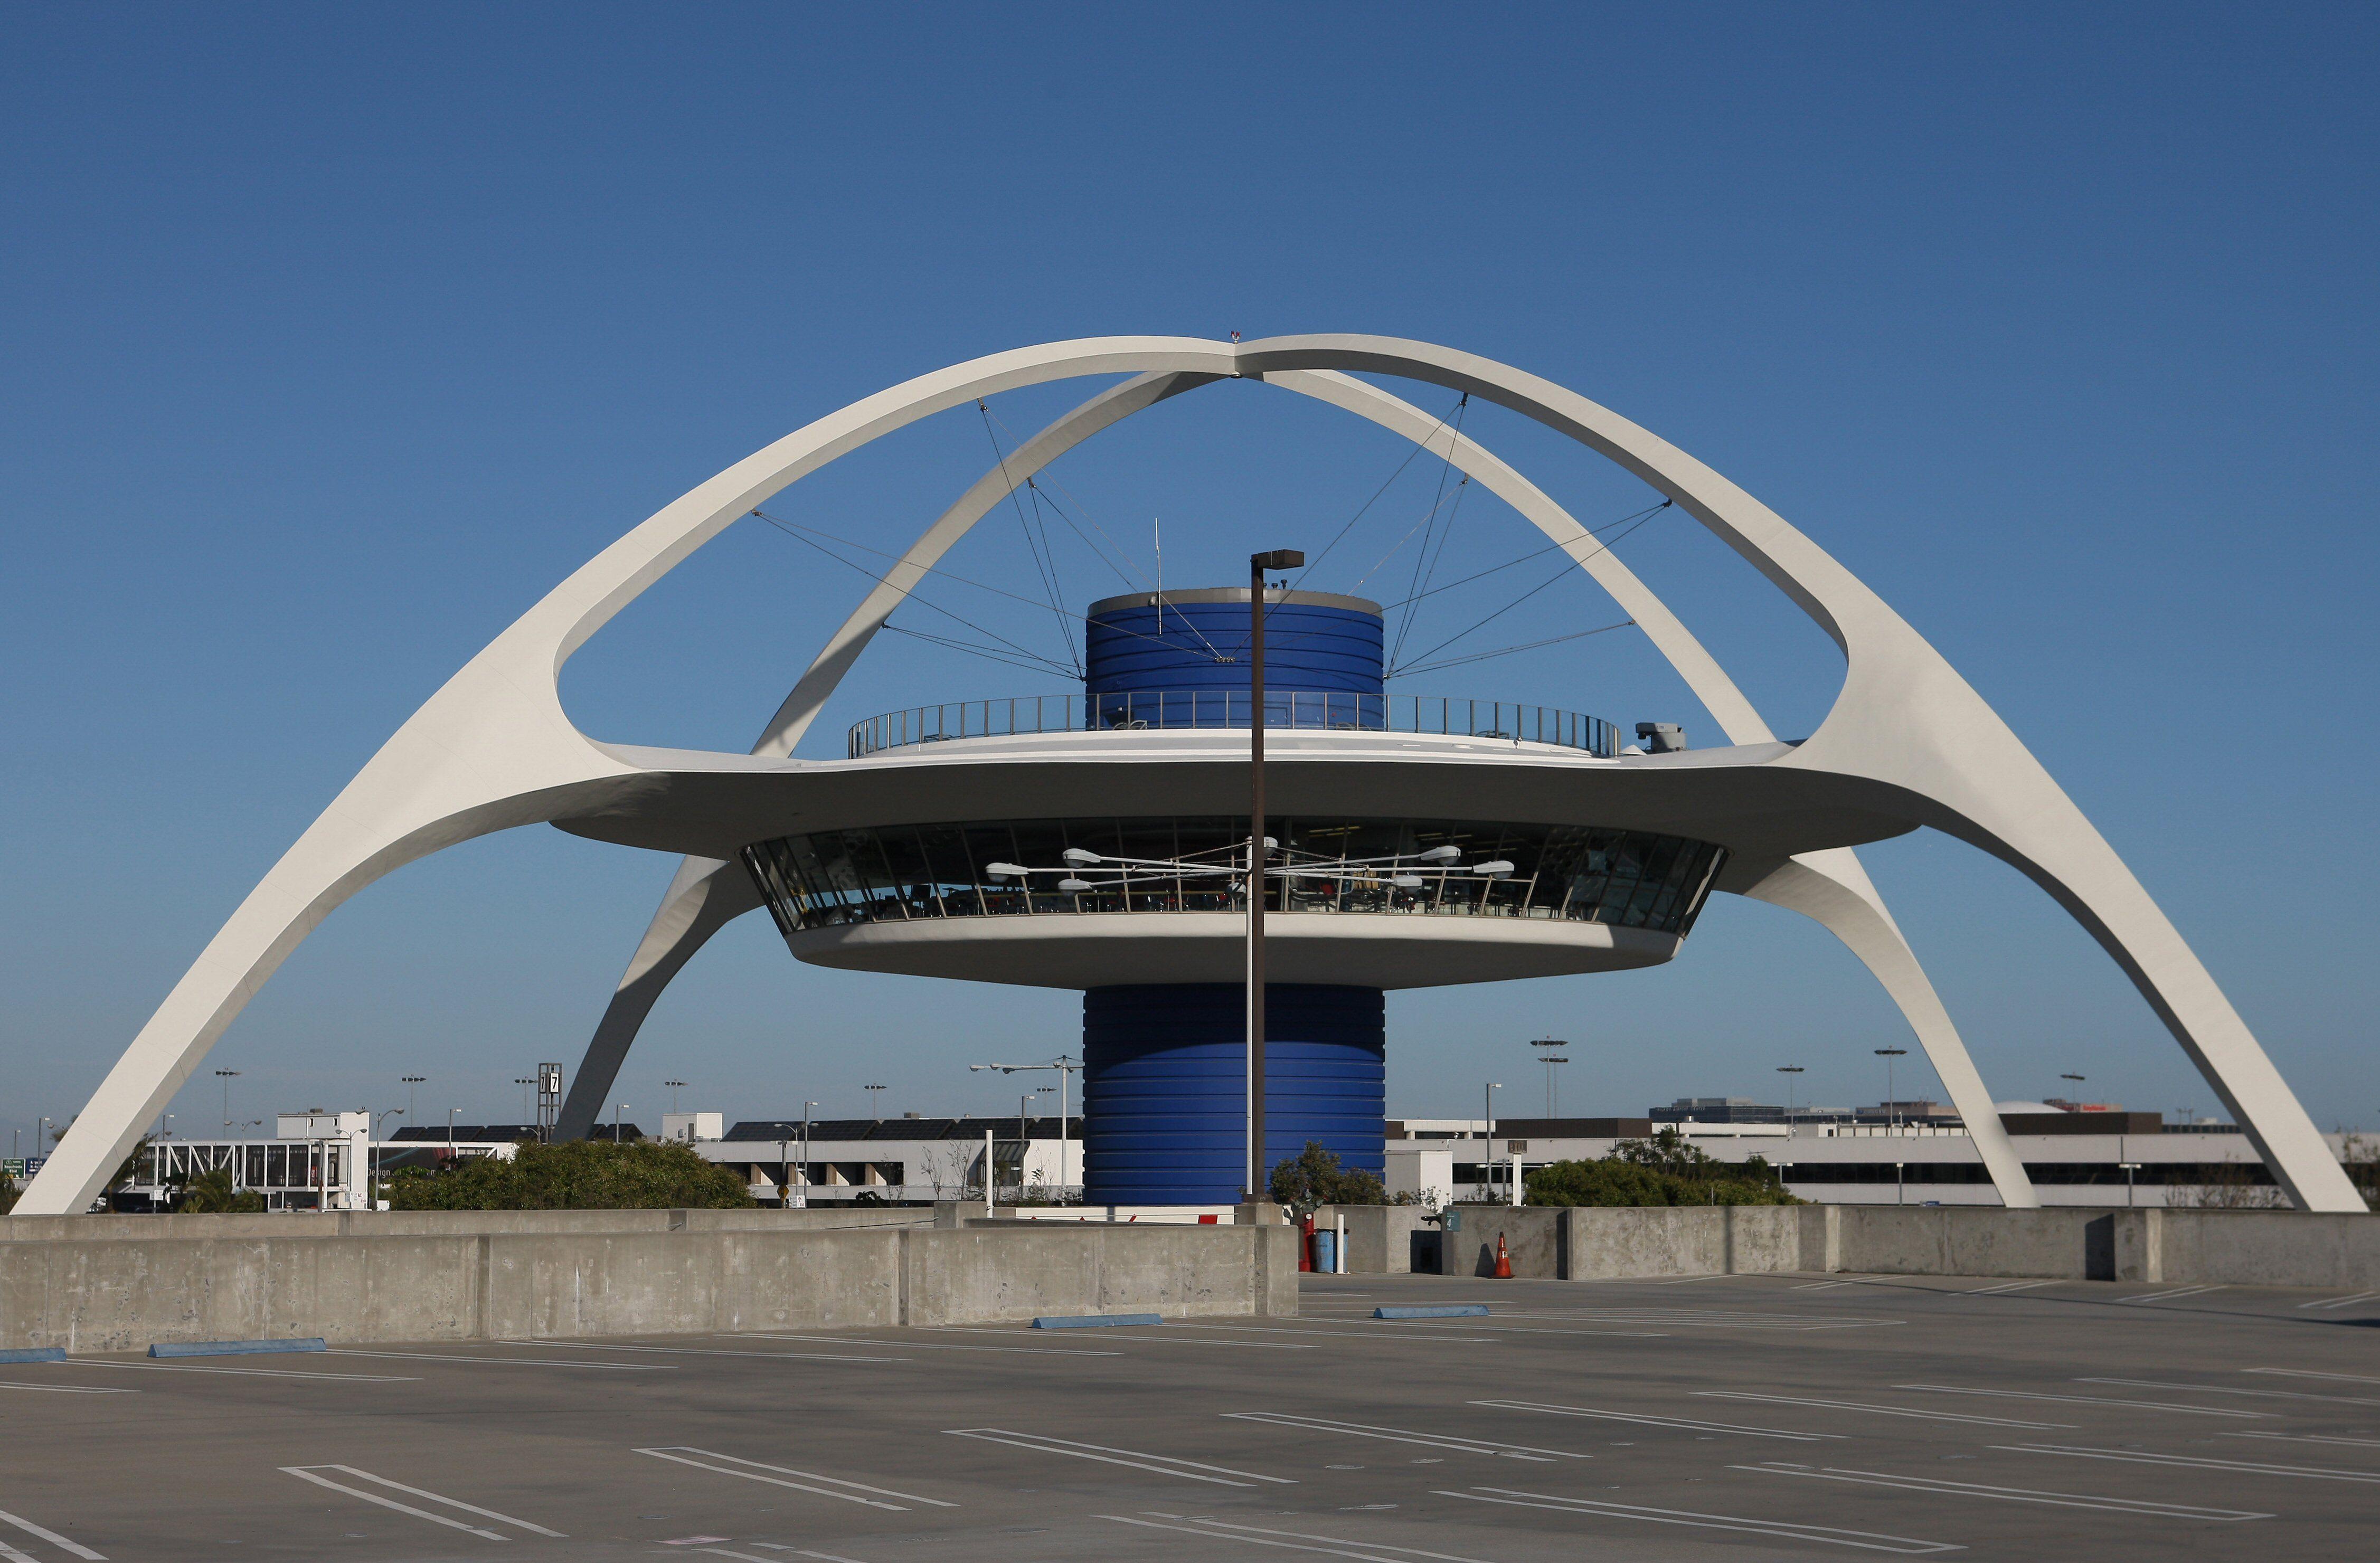 America 39 s roadside architecture of the 1950s for Architecture 1950